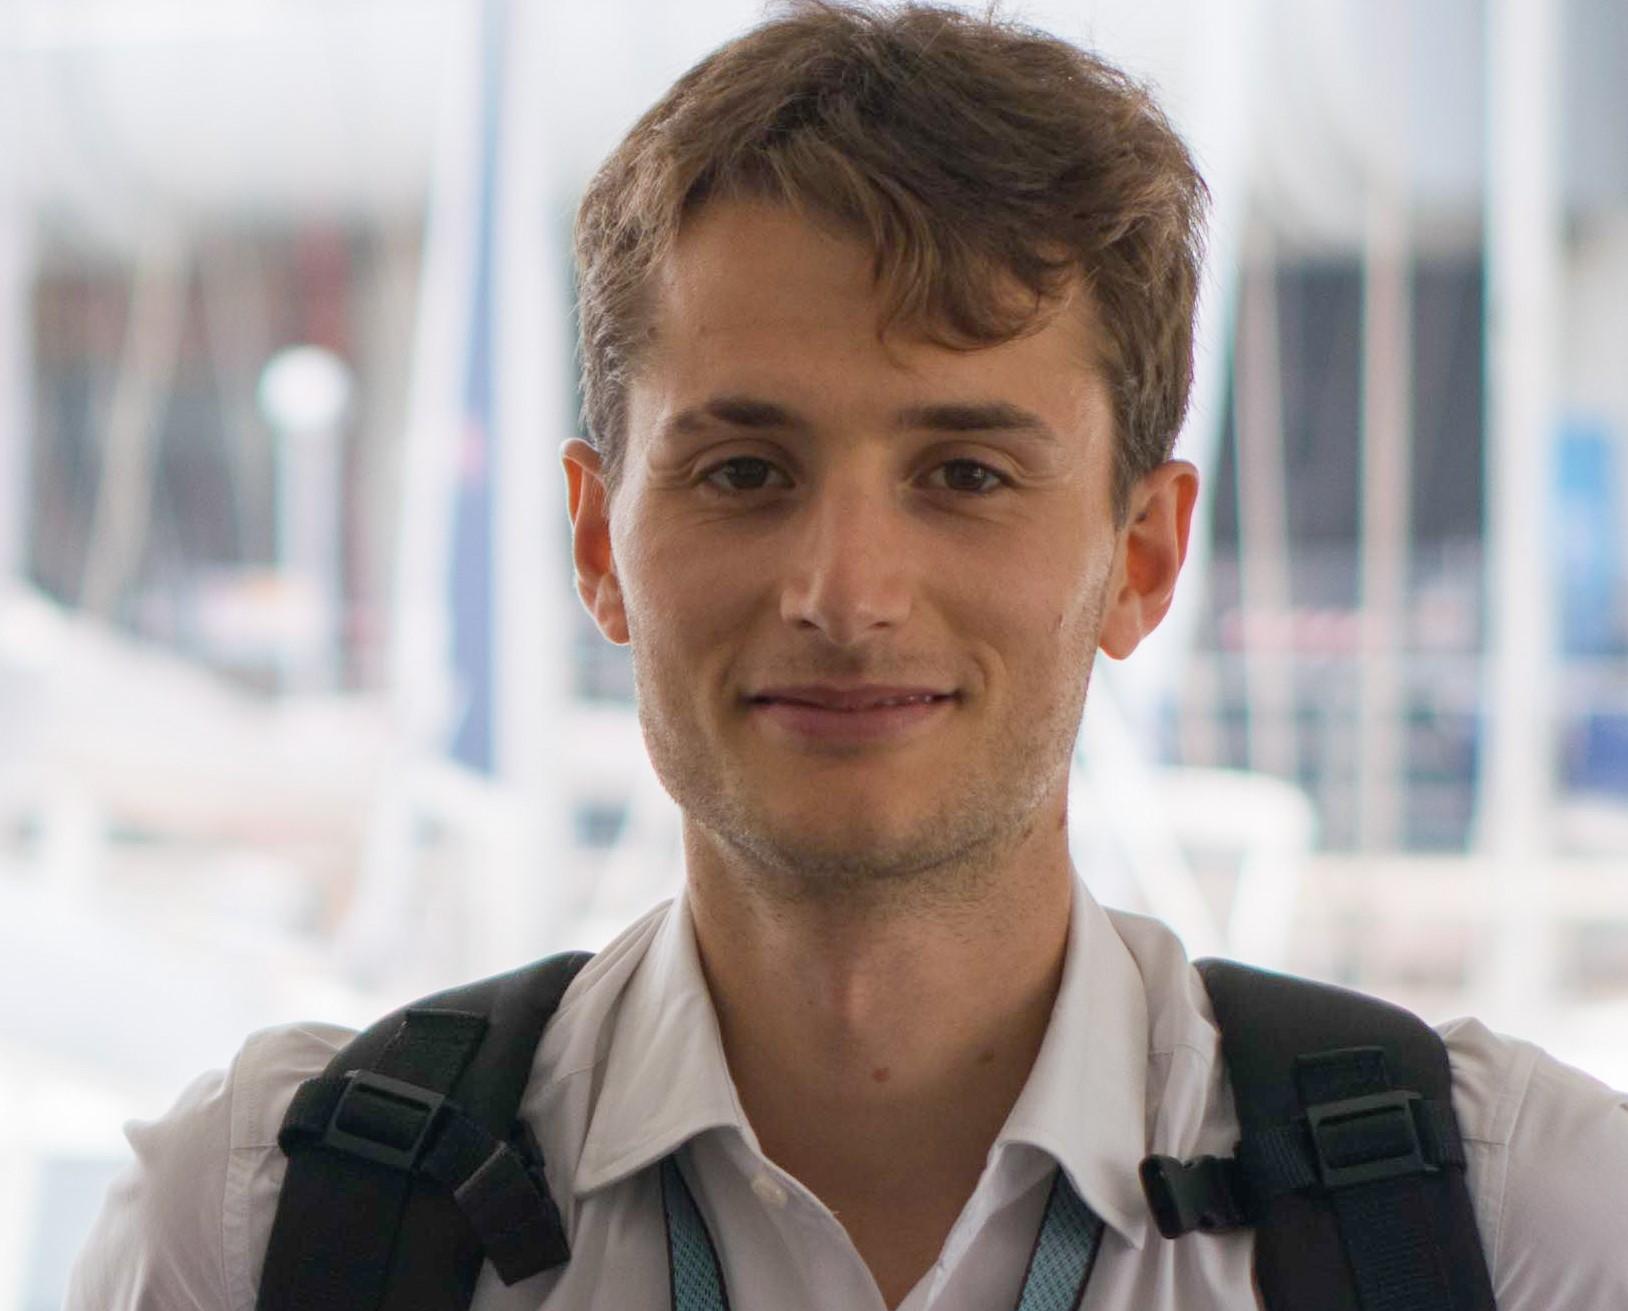 Dr Daniele Mestriner PhD, CEng